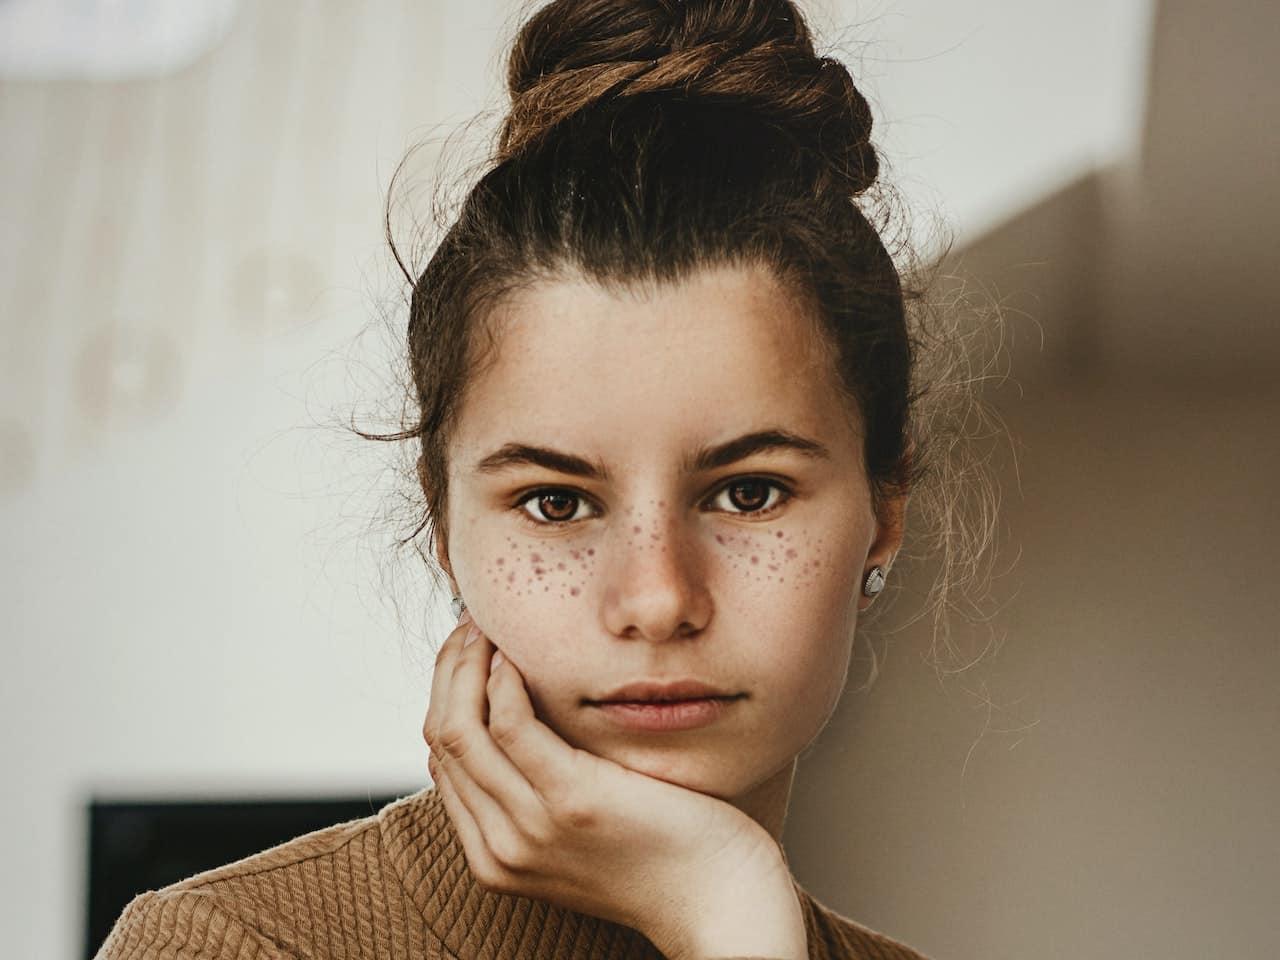 Portrait zusammengebundene Haare